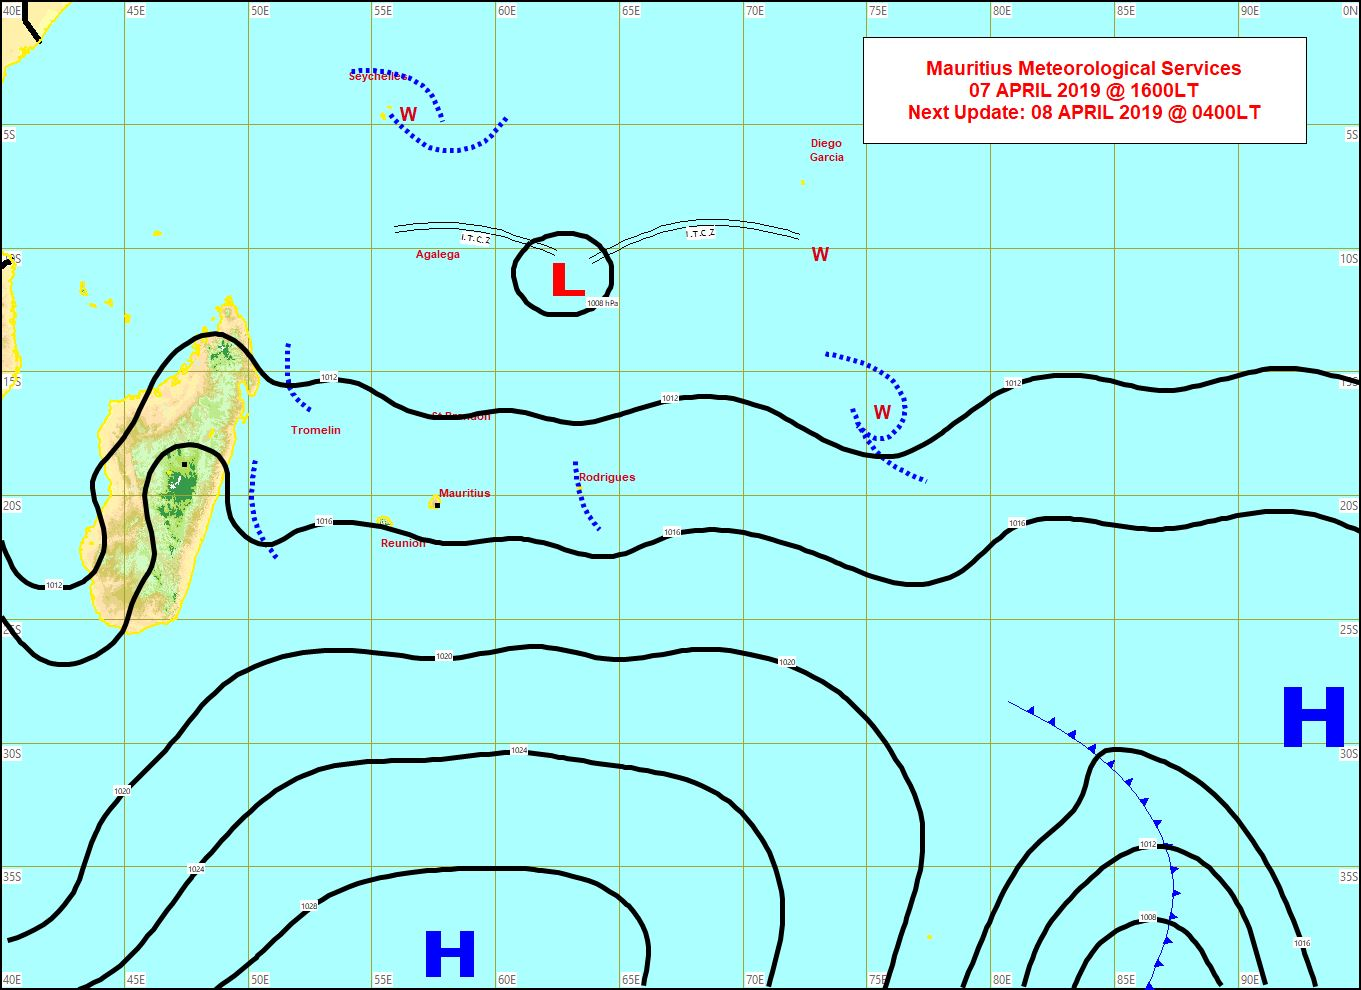 Les vents d'est sud-est sont modérés à assez forts sur les Mascareignes. Ils devraient devenir nettement plus humides la semaine prochaine. Carte MMS de 16h.